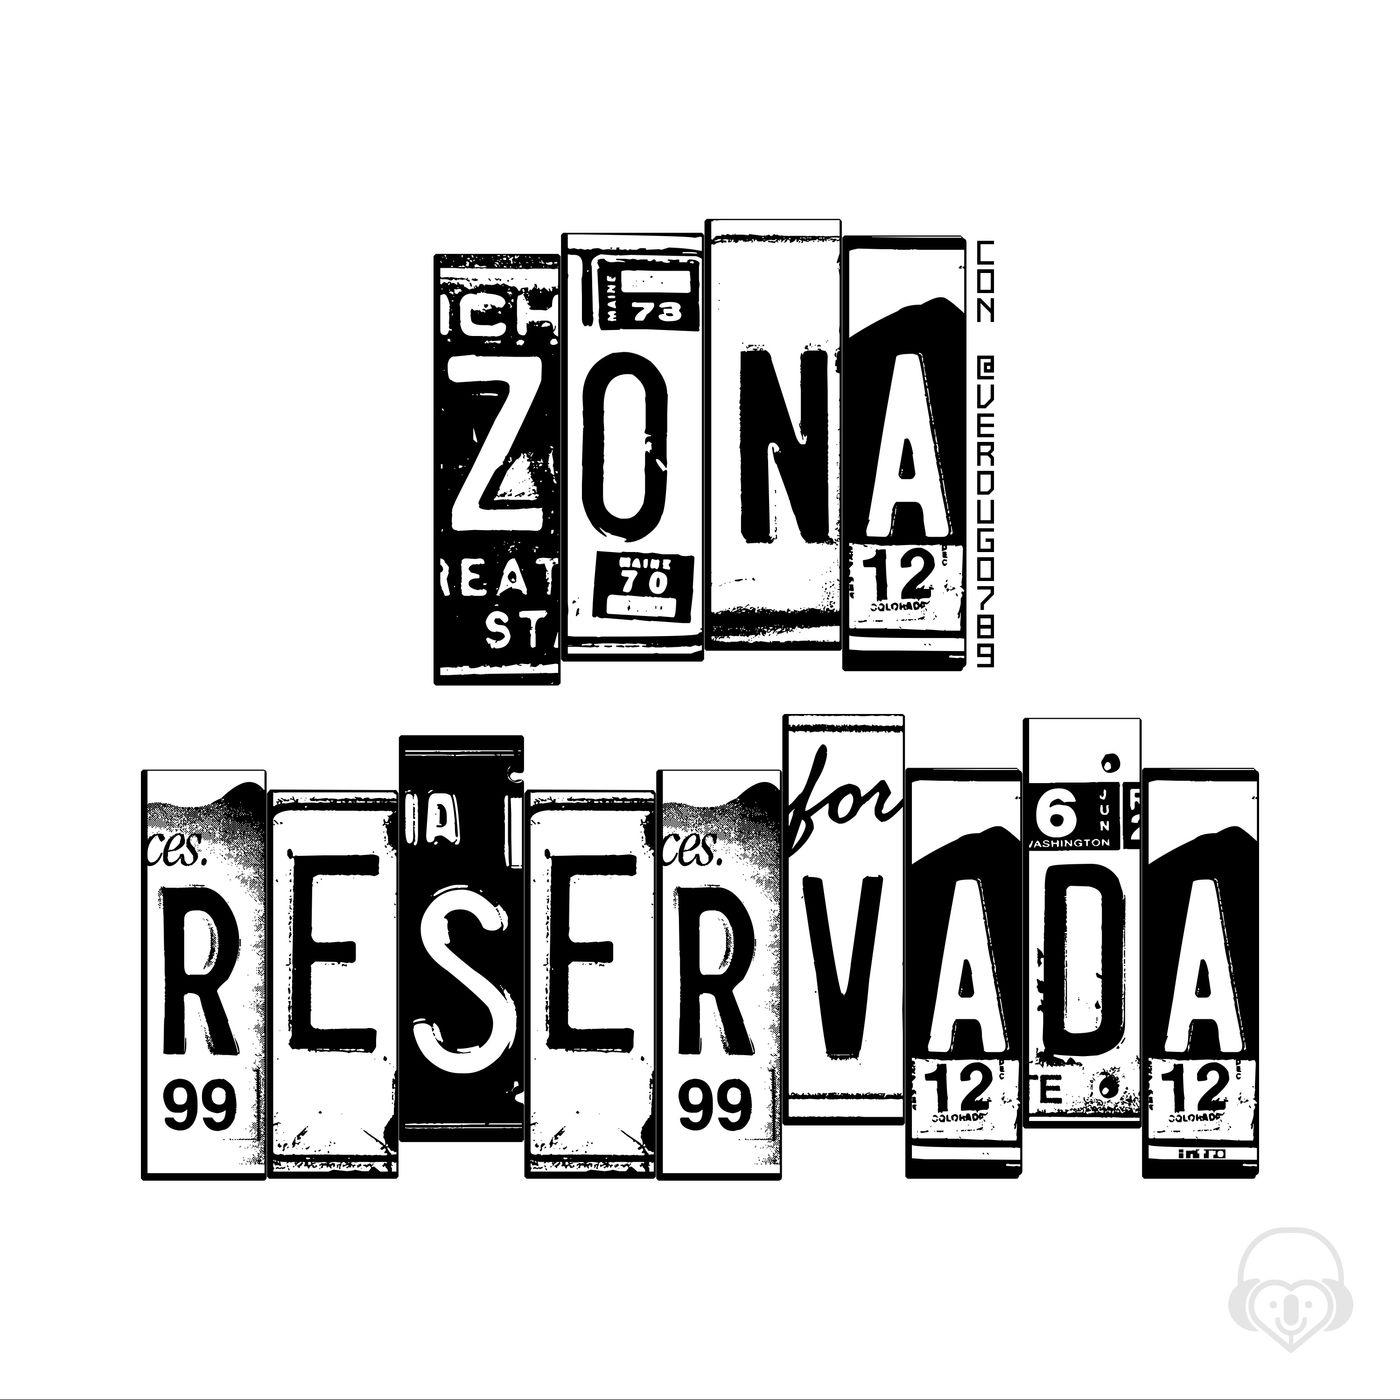 Zona reservada con @verdugo789 (36/21)